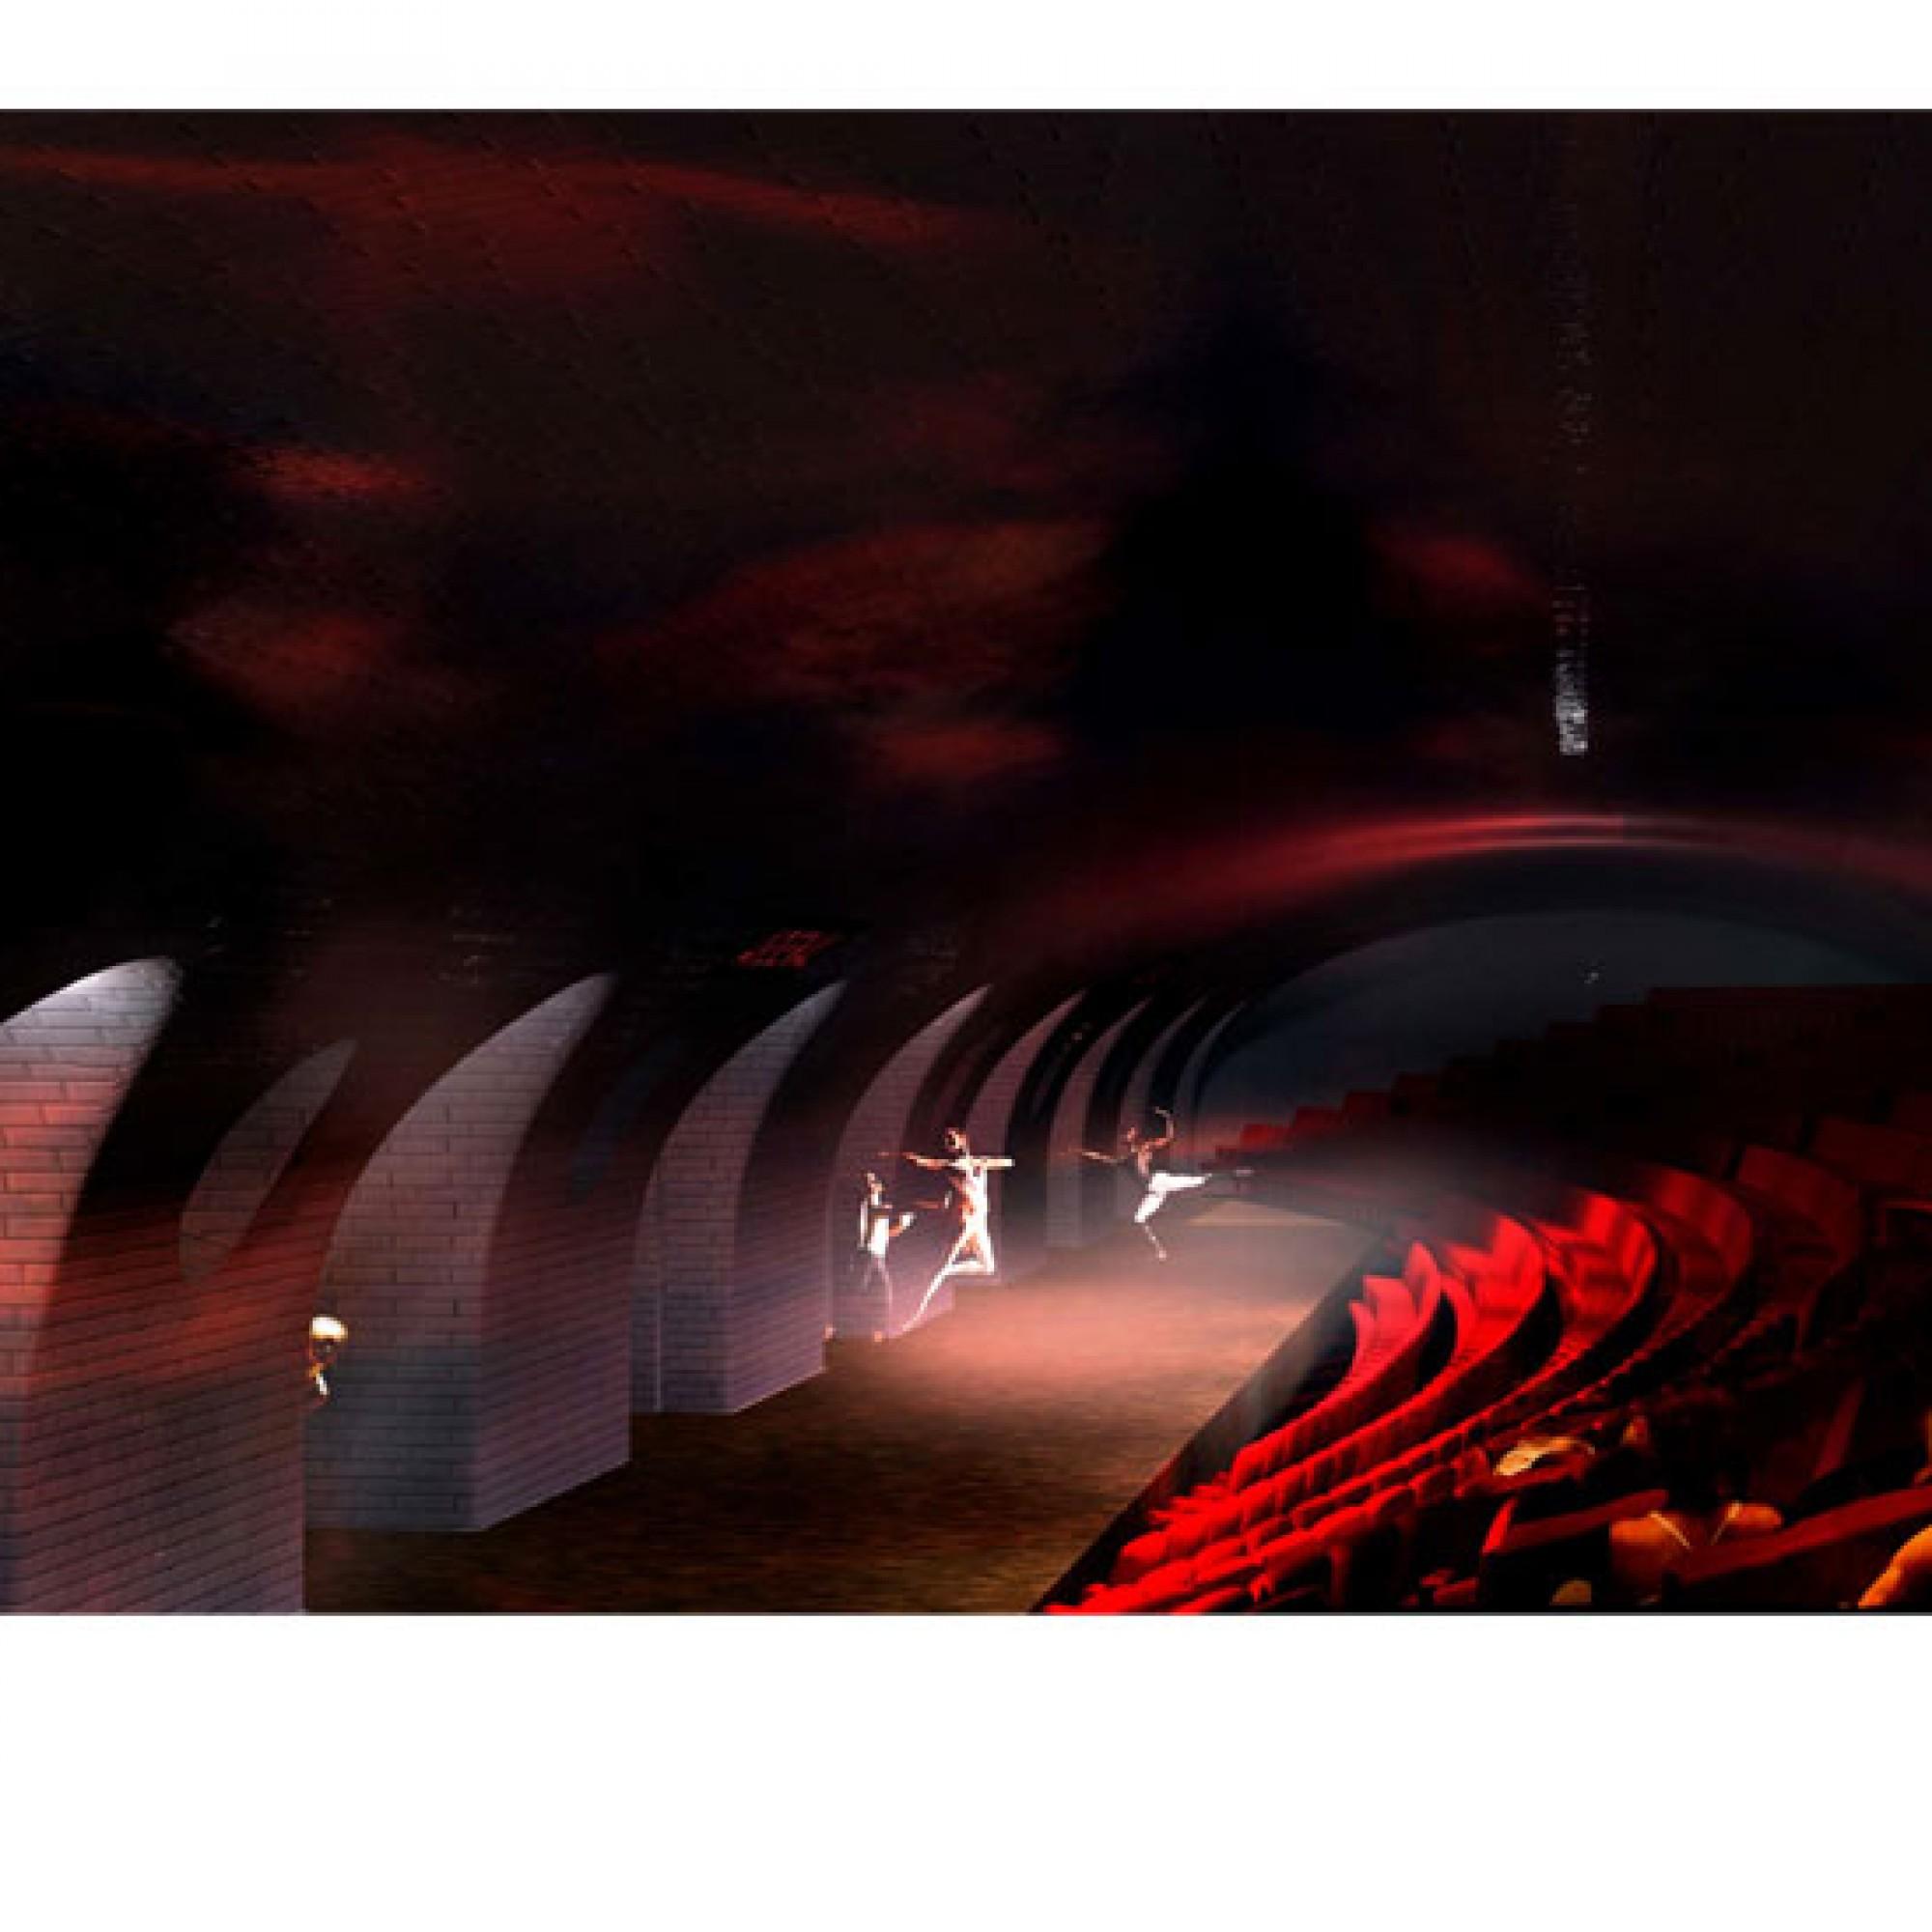 ...Kultur in Form von Ballett... (PD)